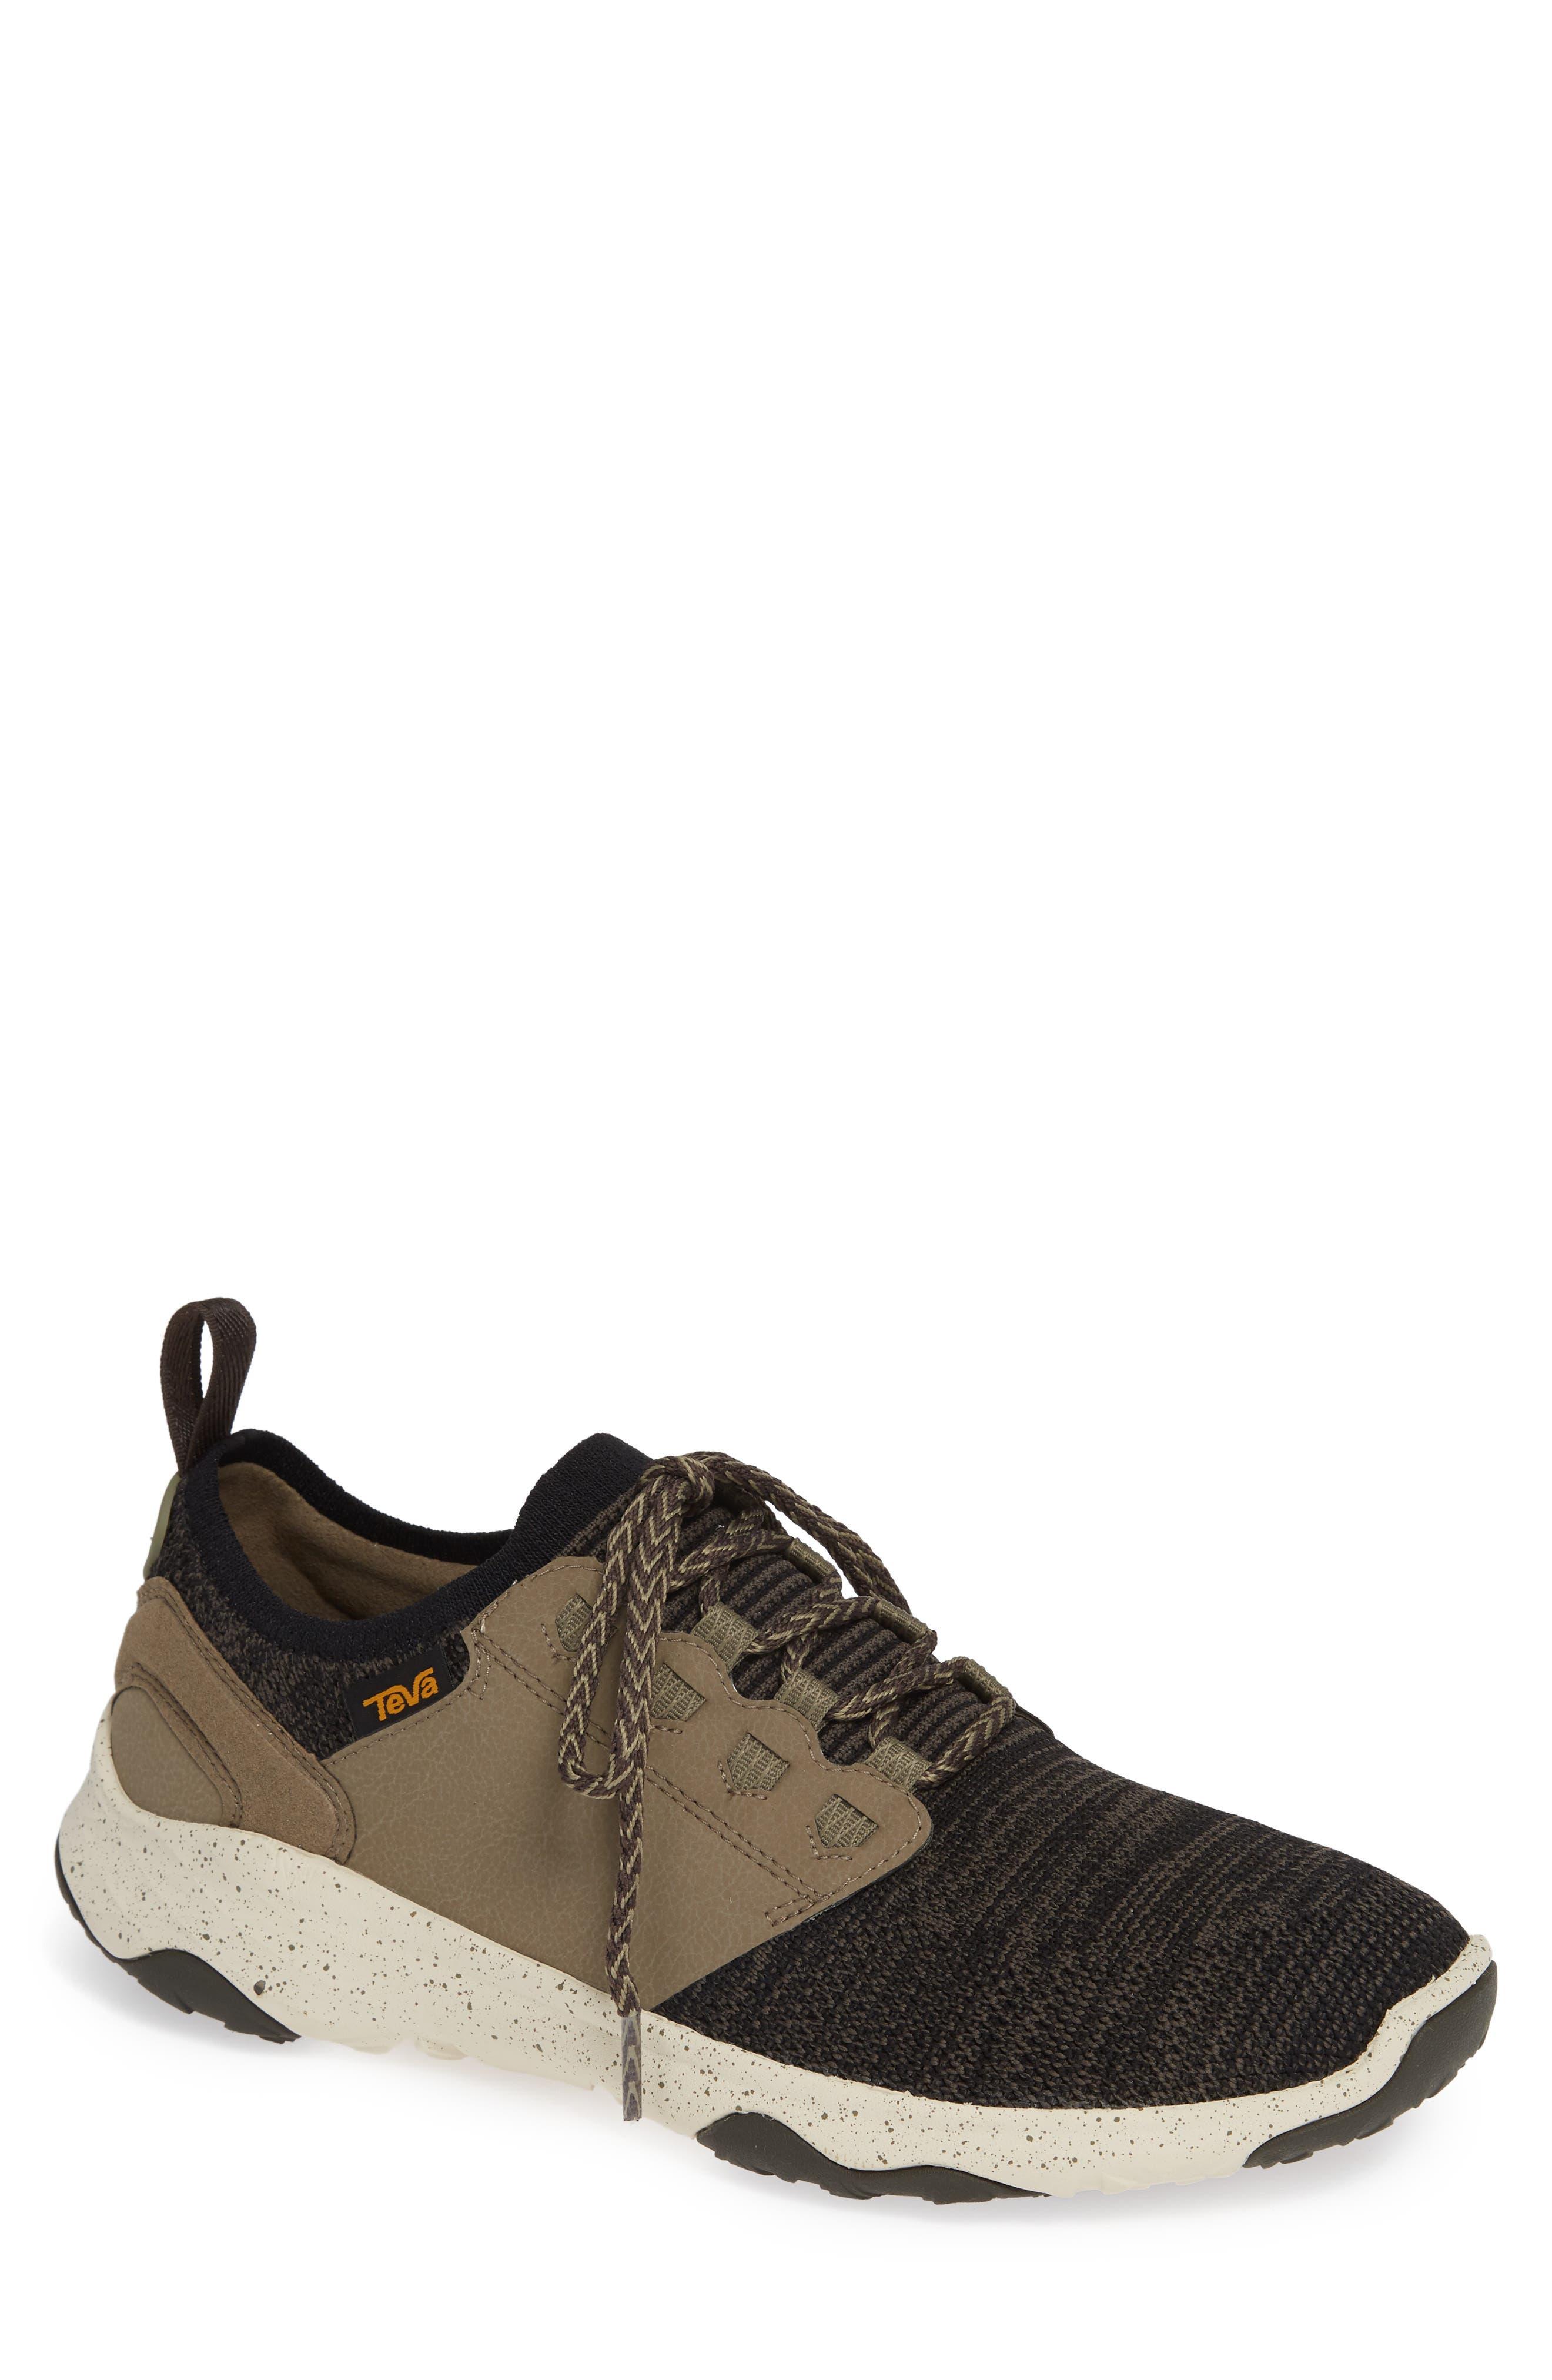 Arrowood 2 Hiking Shoe,                         Main,                         color, WALNUT KNIT